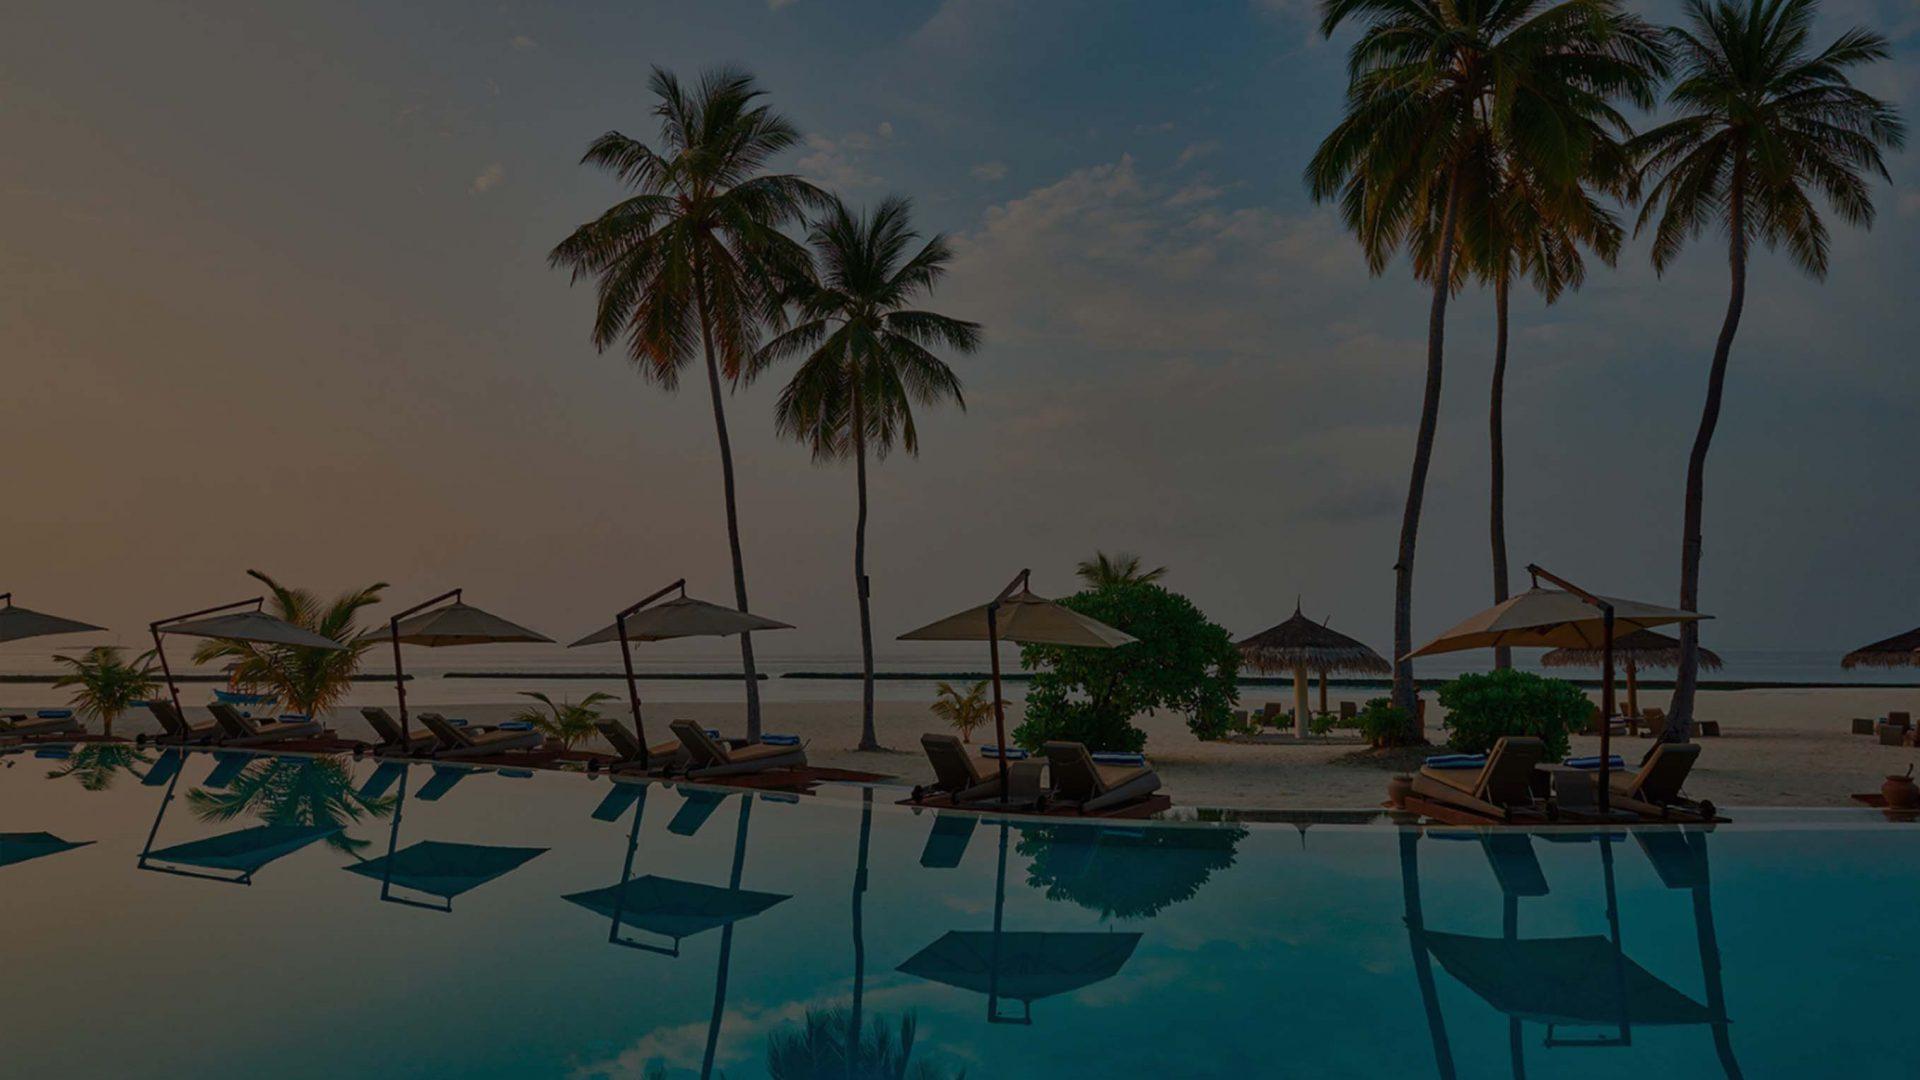 Permalink to: ที่พักตากอากาศบริสุทธิ์เสียงคลื่นกระทบฝั่งน้ำใสหาดทรายขาวสวรรค์ของนักเดินทาง